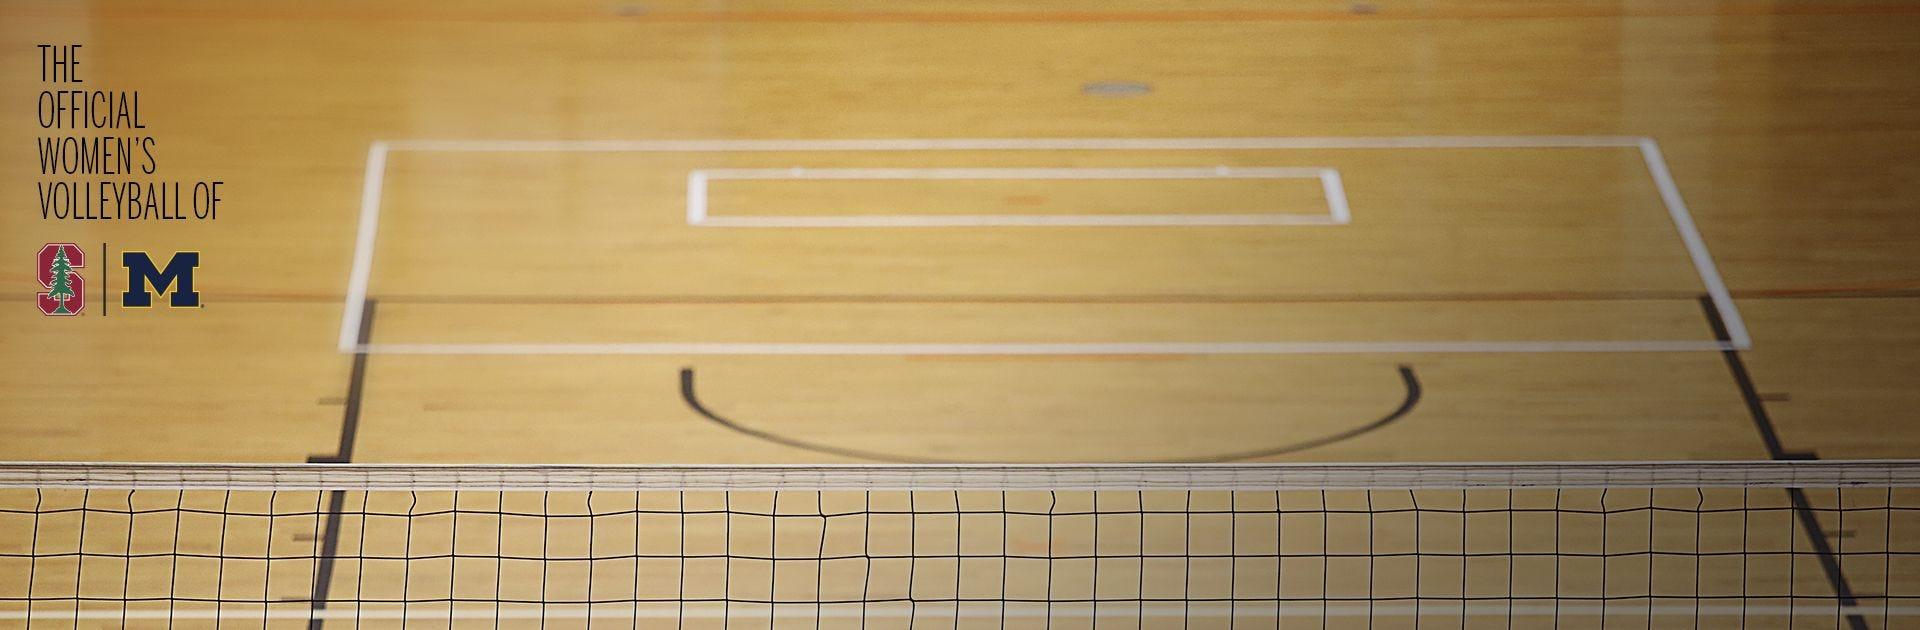 Performance Indoor Volleyballs